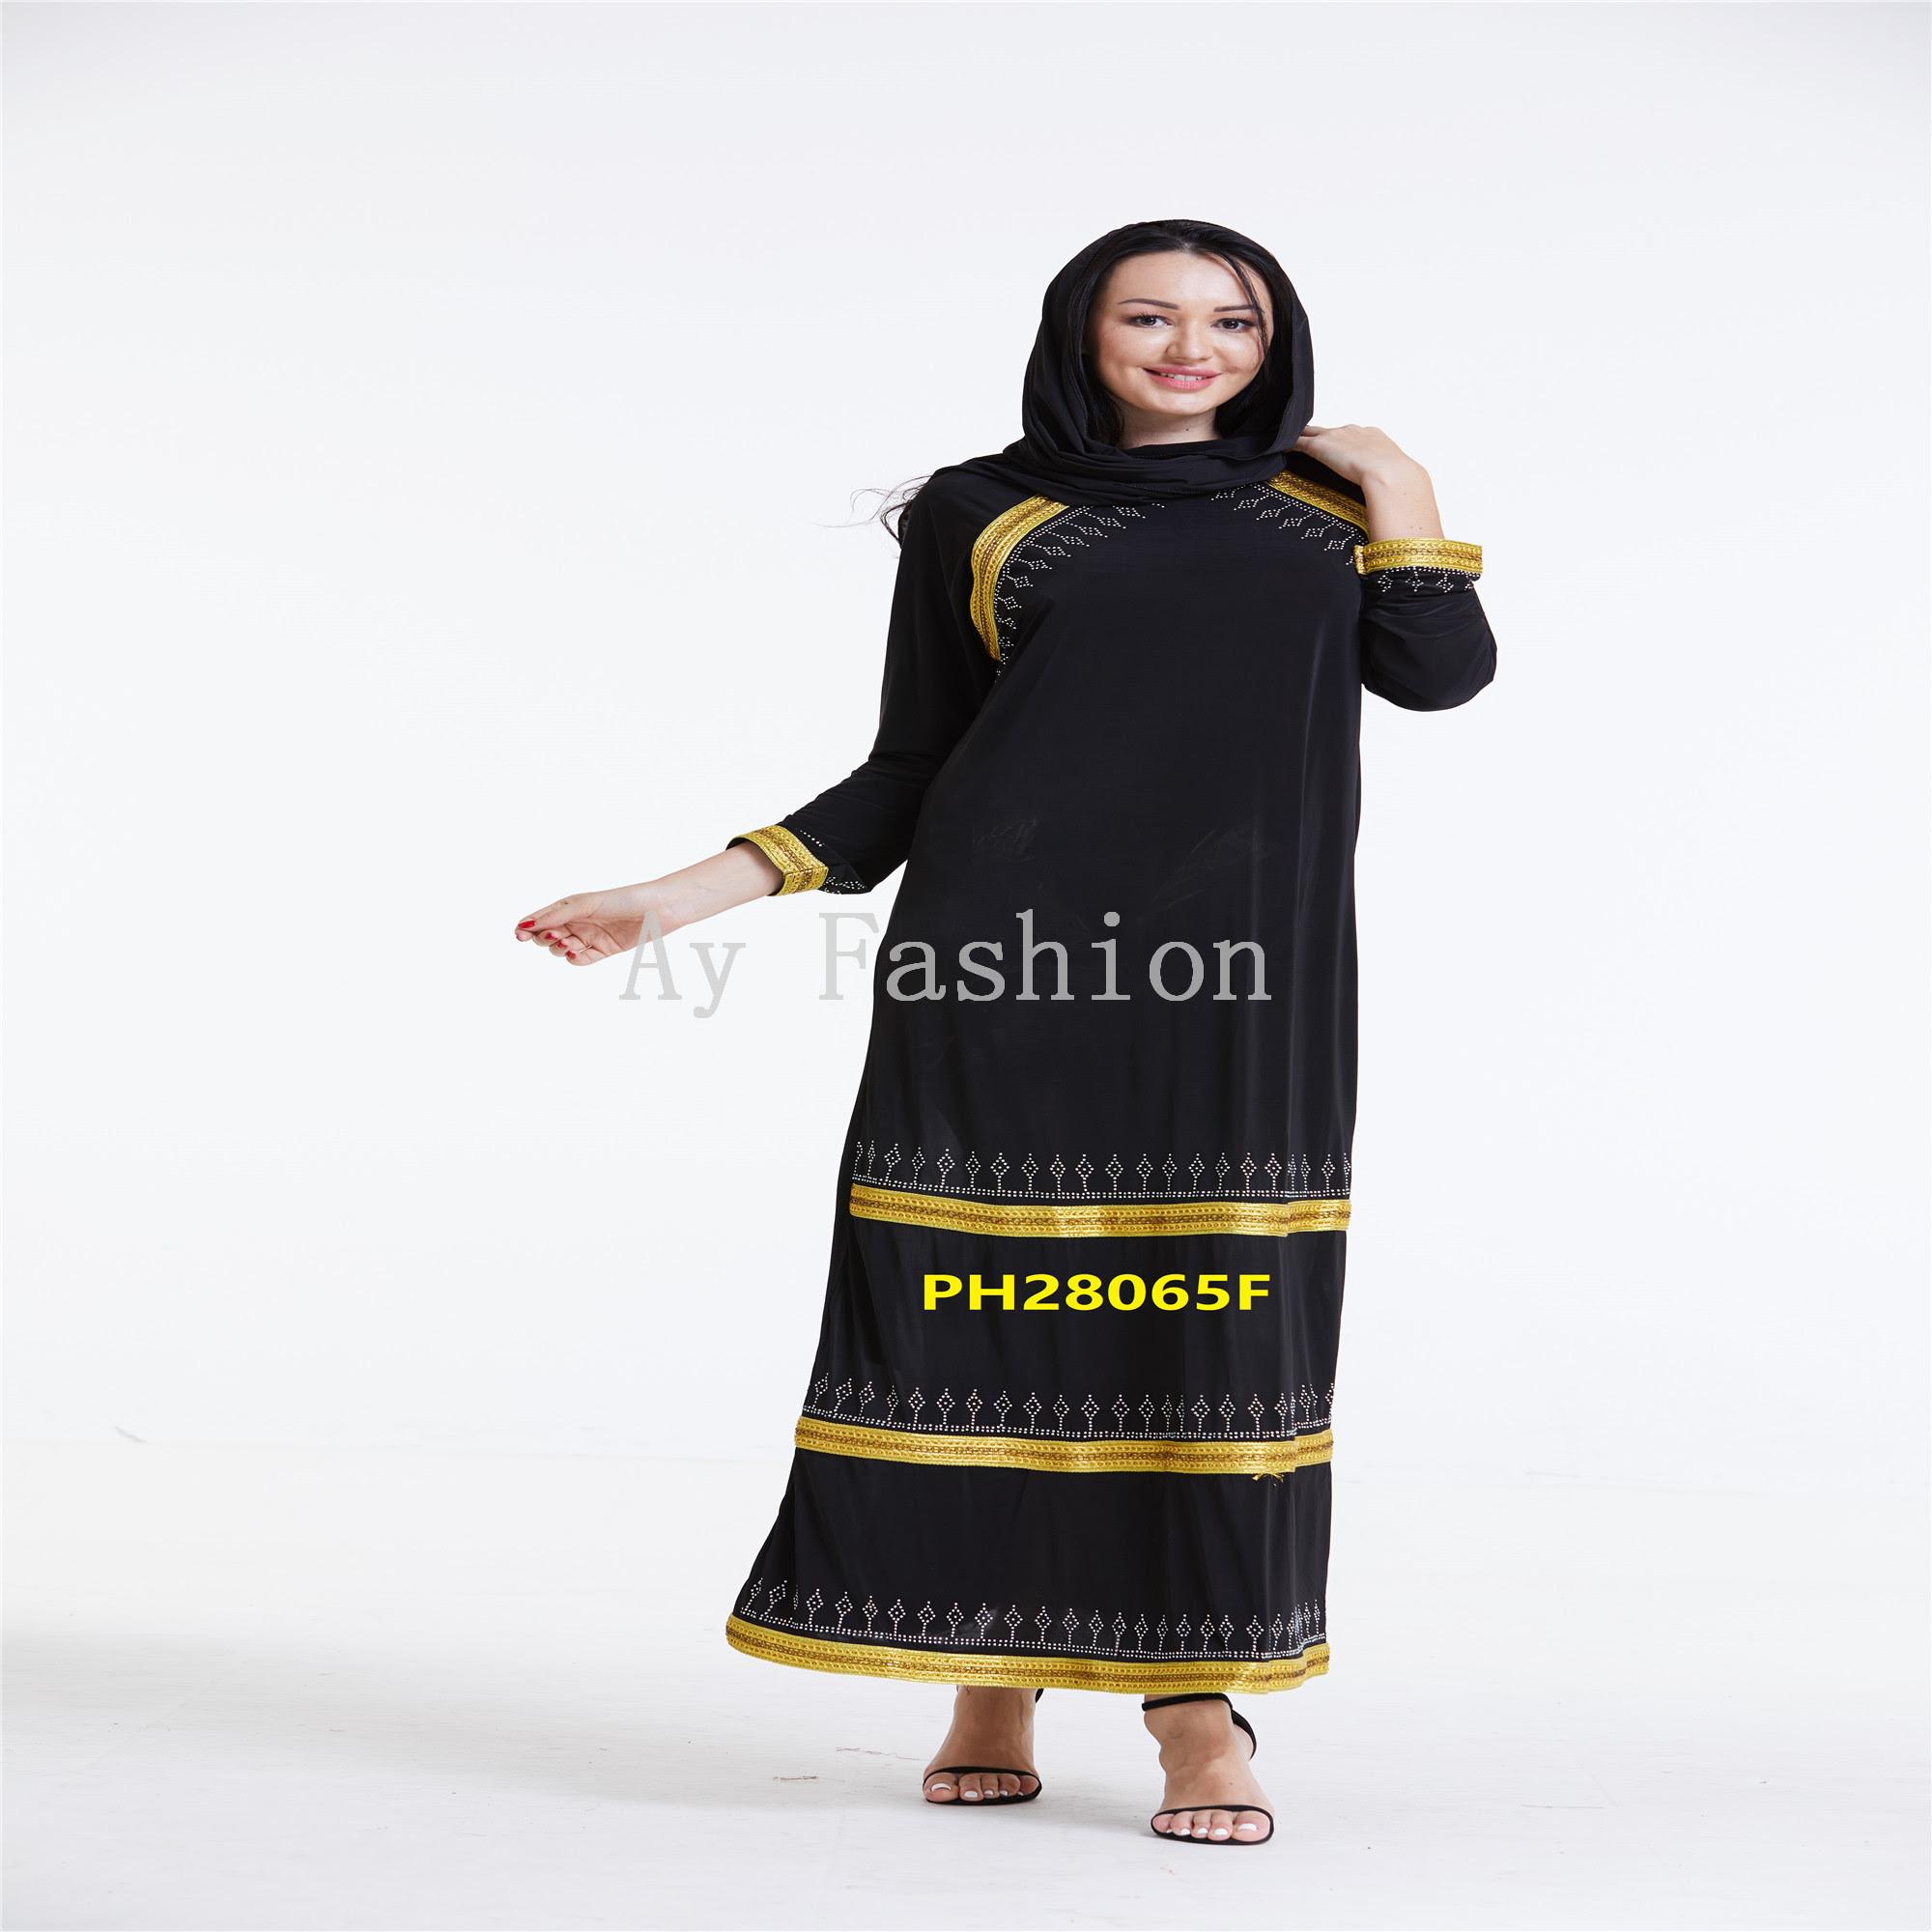 online-shopping neueste burka abaya designs bild neue modell in dubai  islamische kleidung für frauen - buy online einkaufen neueste,abaya